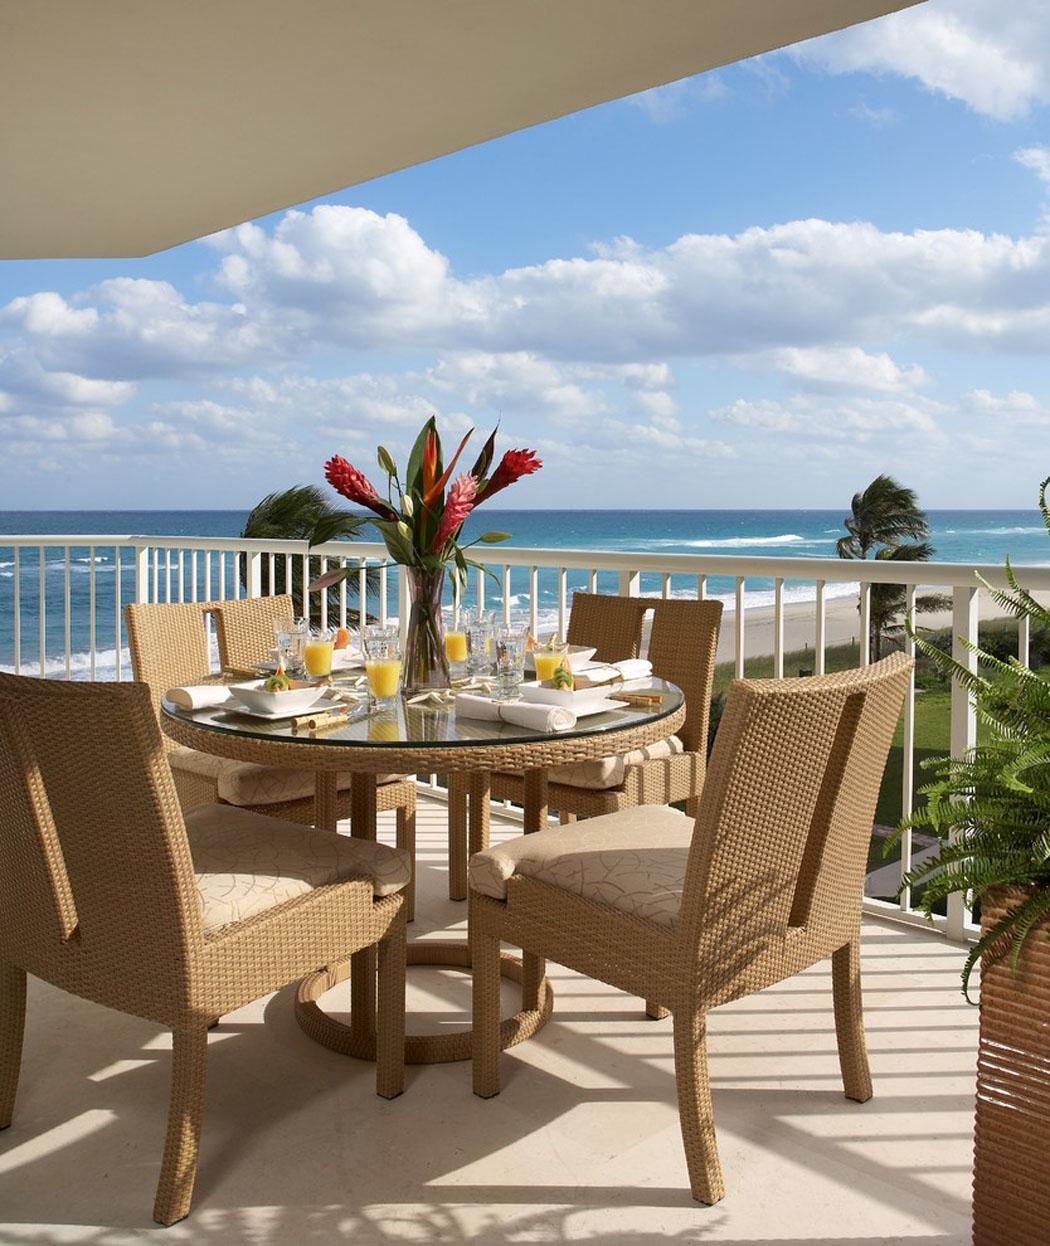 Magnifique int rieur au design l gant de cet appartement - Residence de vacances cotiere coronado ...